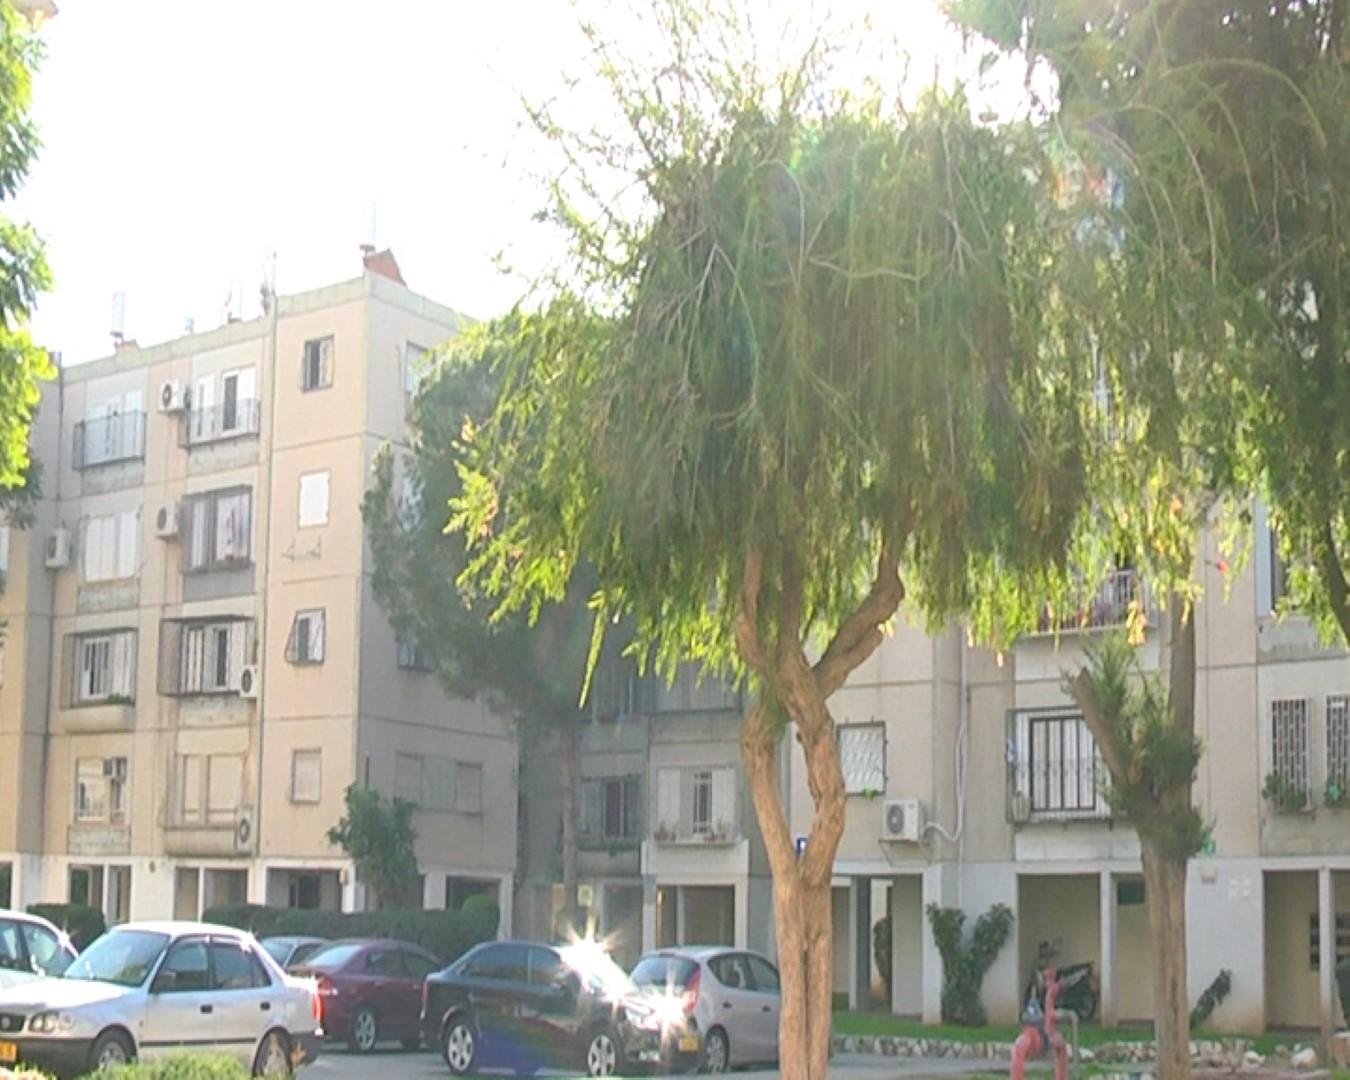 שכונת לוד הצעירה בלוד (צילום: אורי דוידוביץ) (צילום: אורי דוידוביץ)